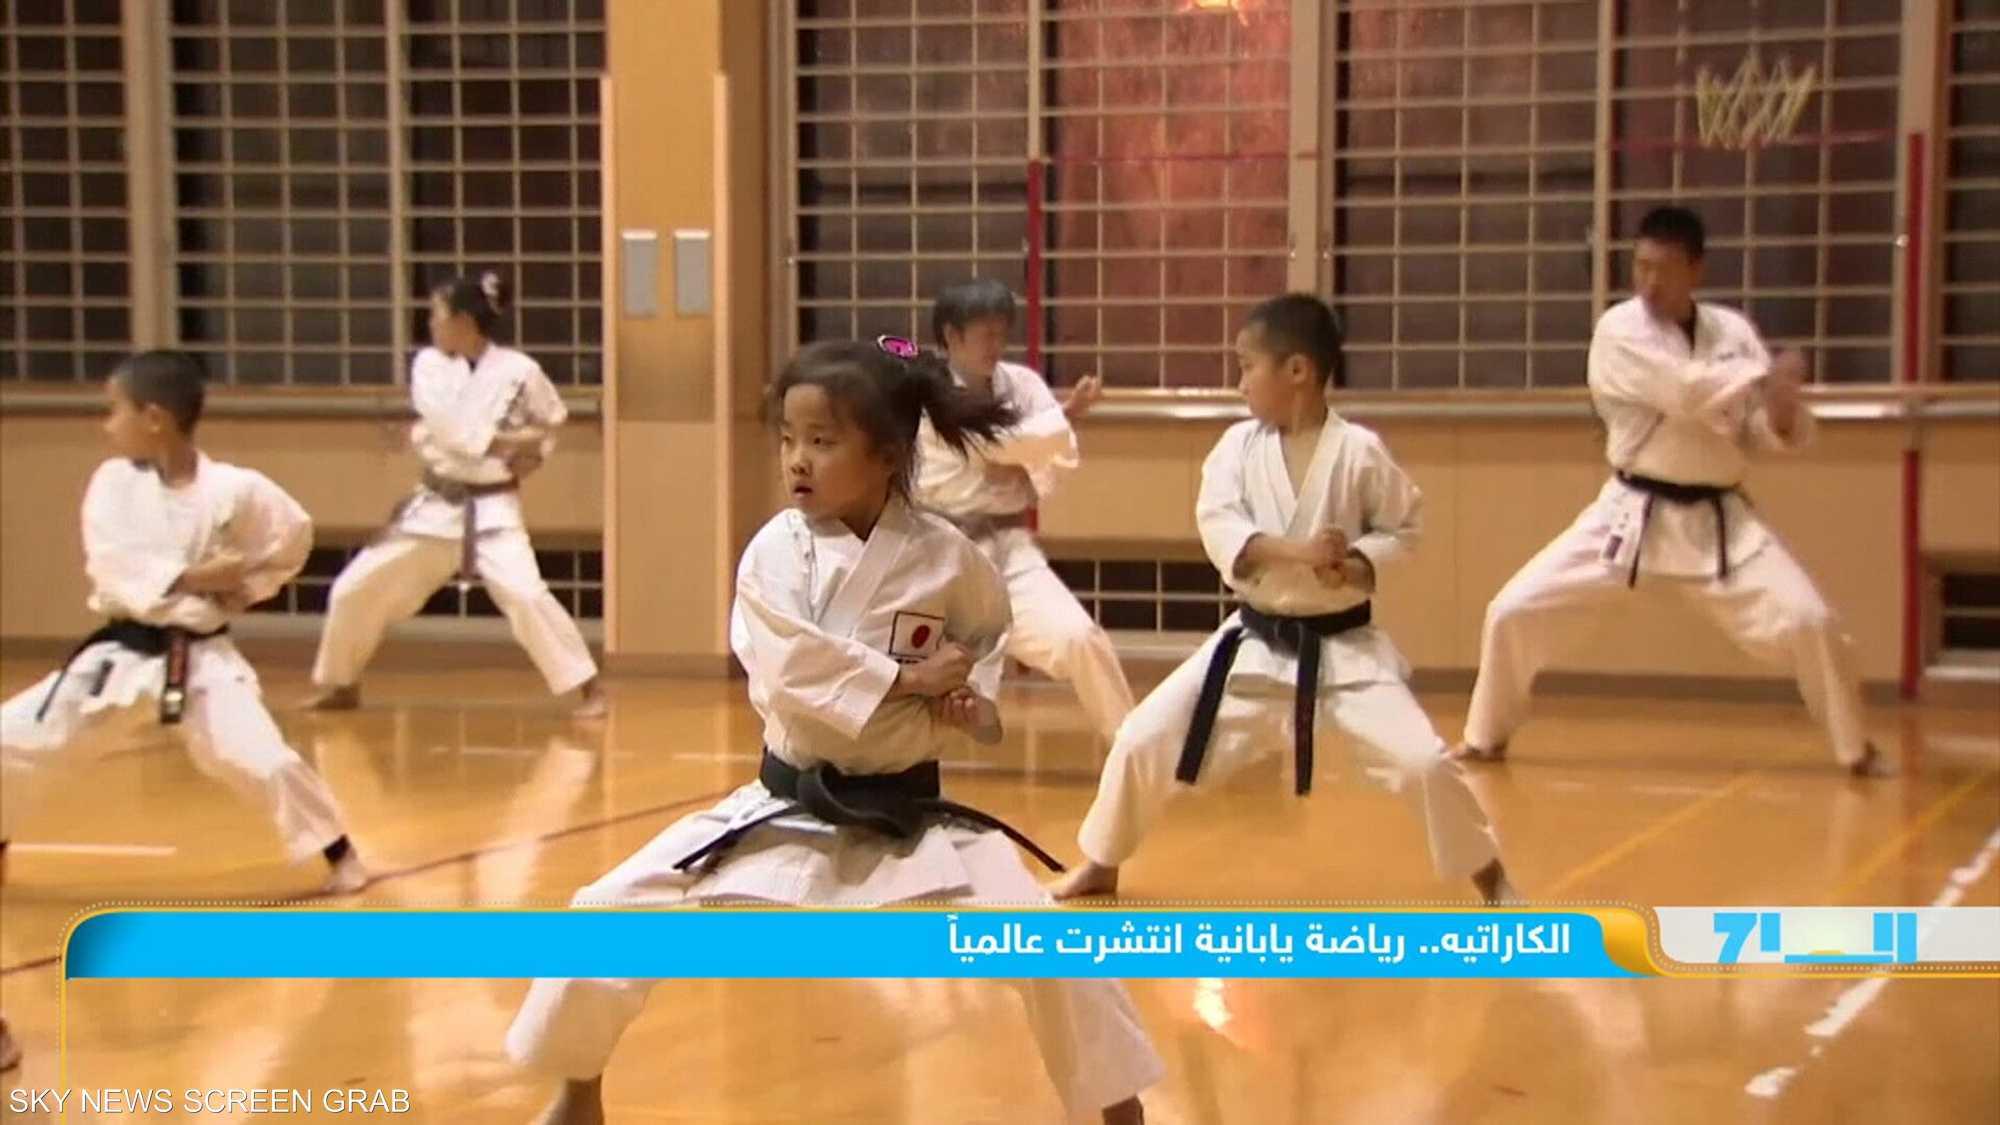 الكاراتيه.. رياضة يابانية انتشرت عالمياً